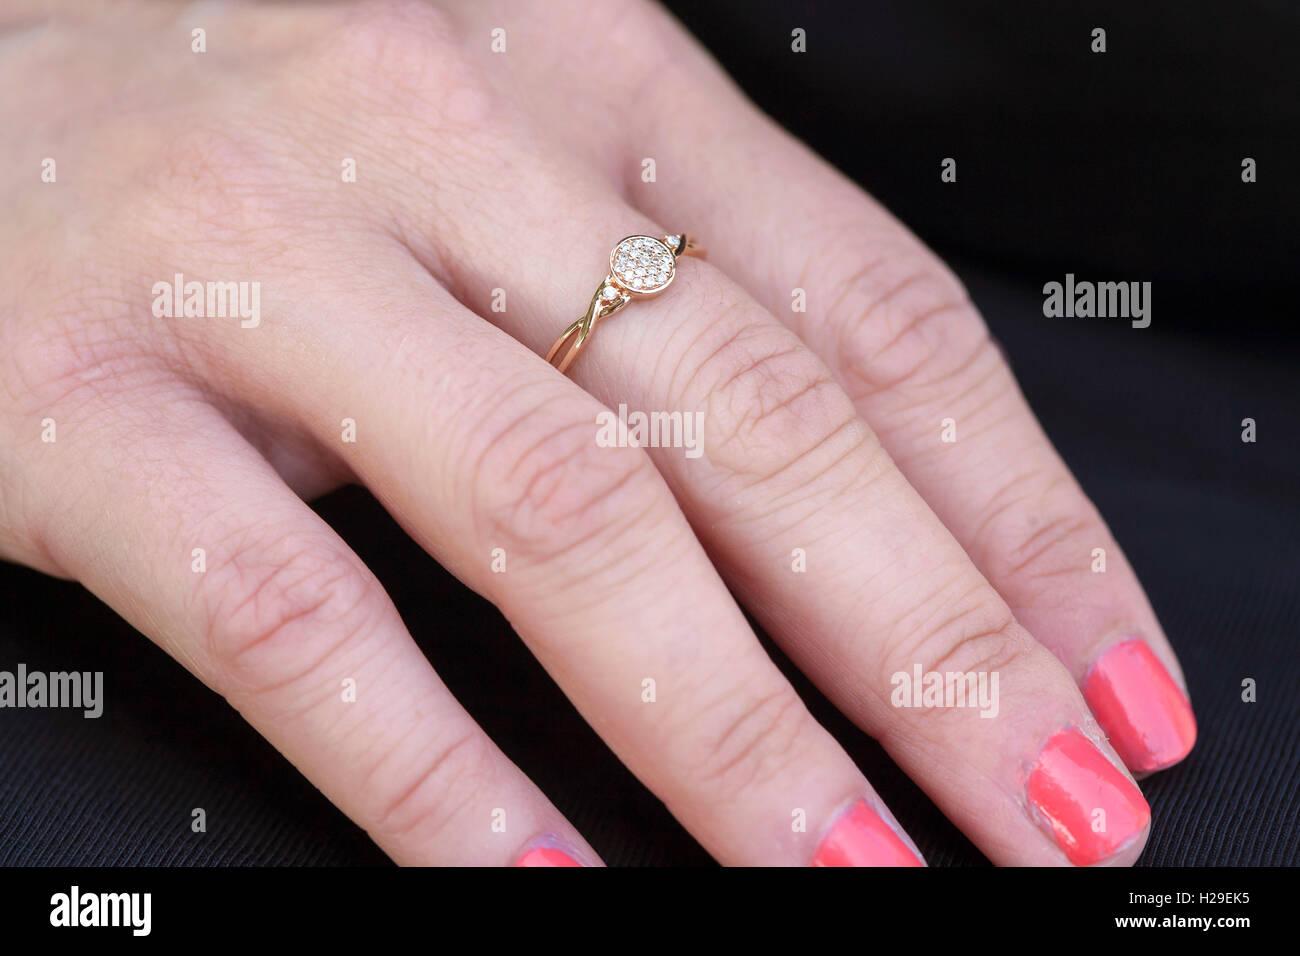 Engagement luxury ring on female hand Stock Photo: 121910969 - Alamy